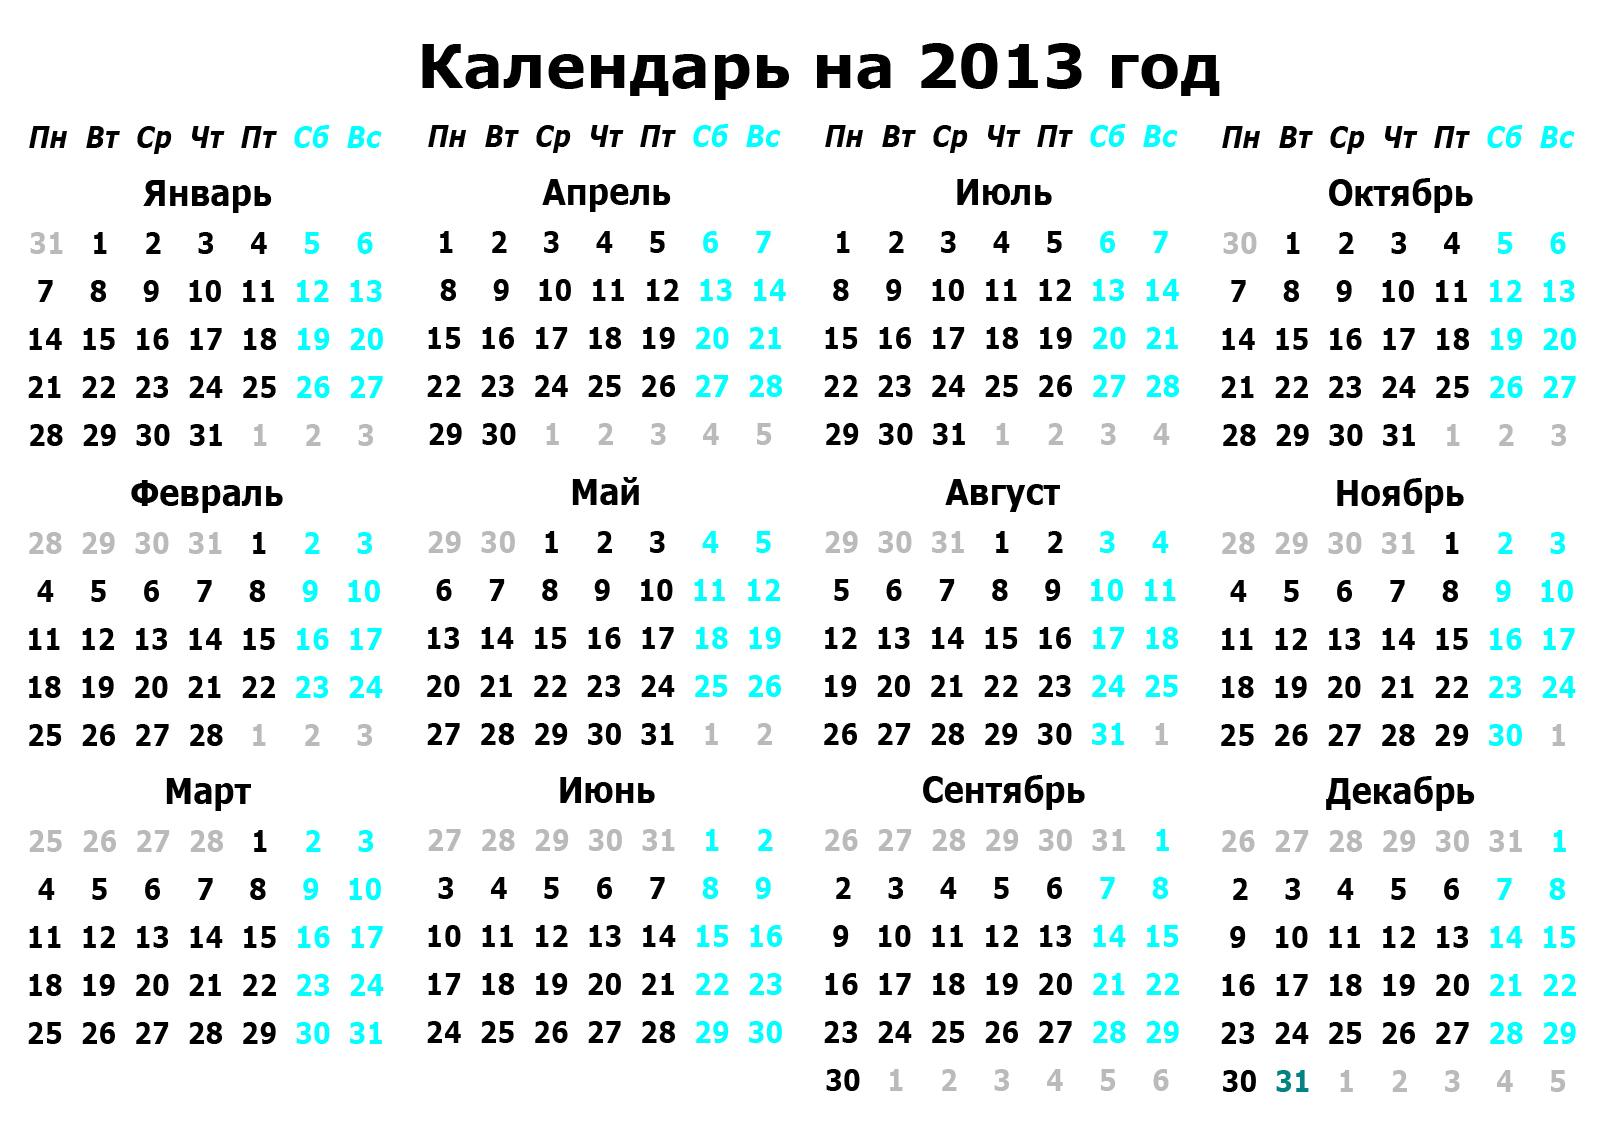 Производственный календарь 2013 для